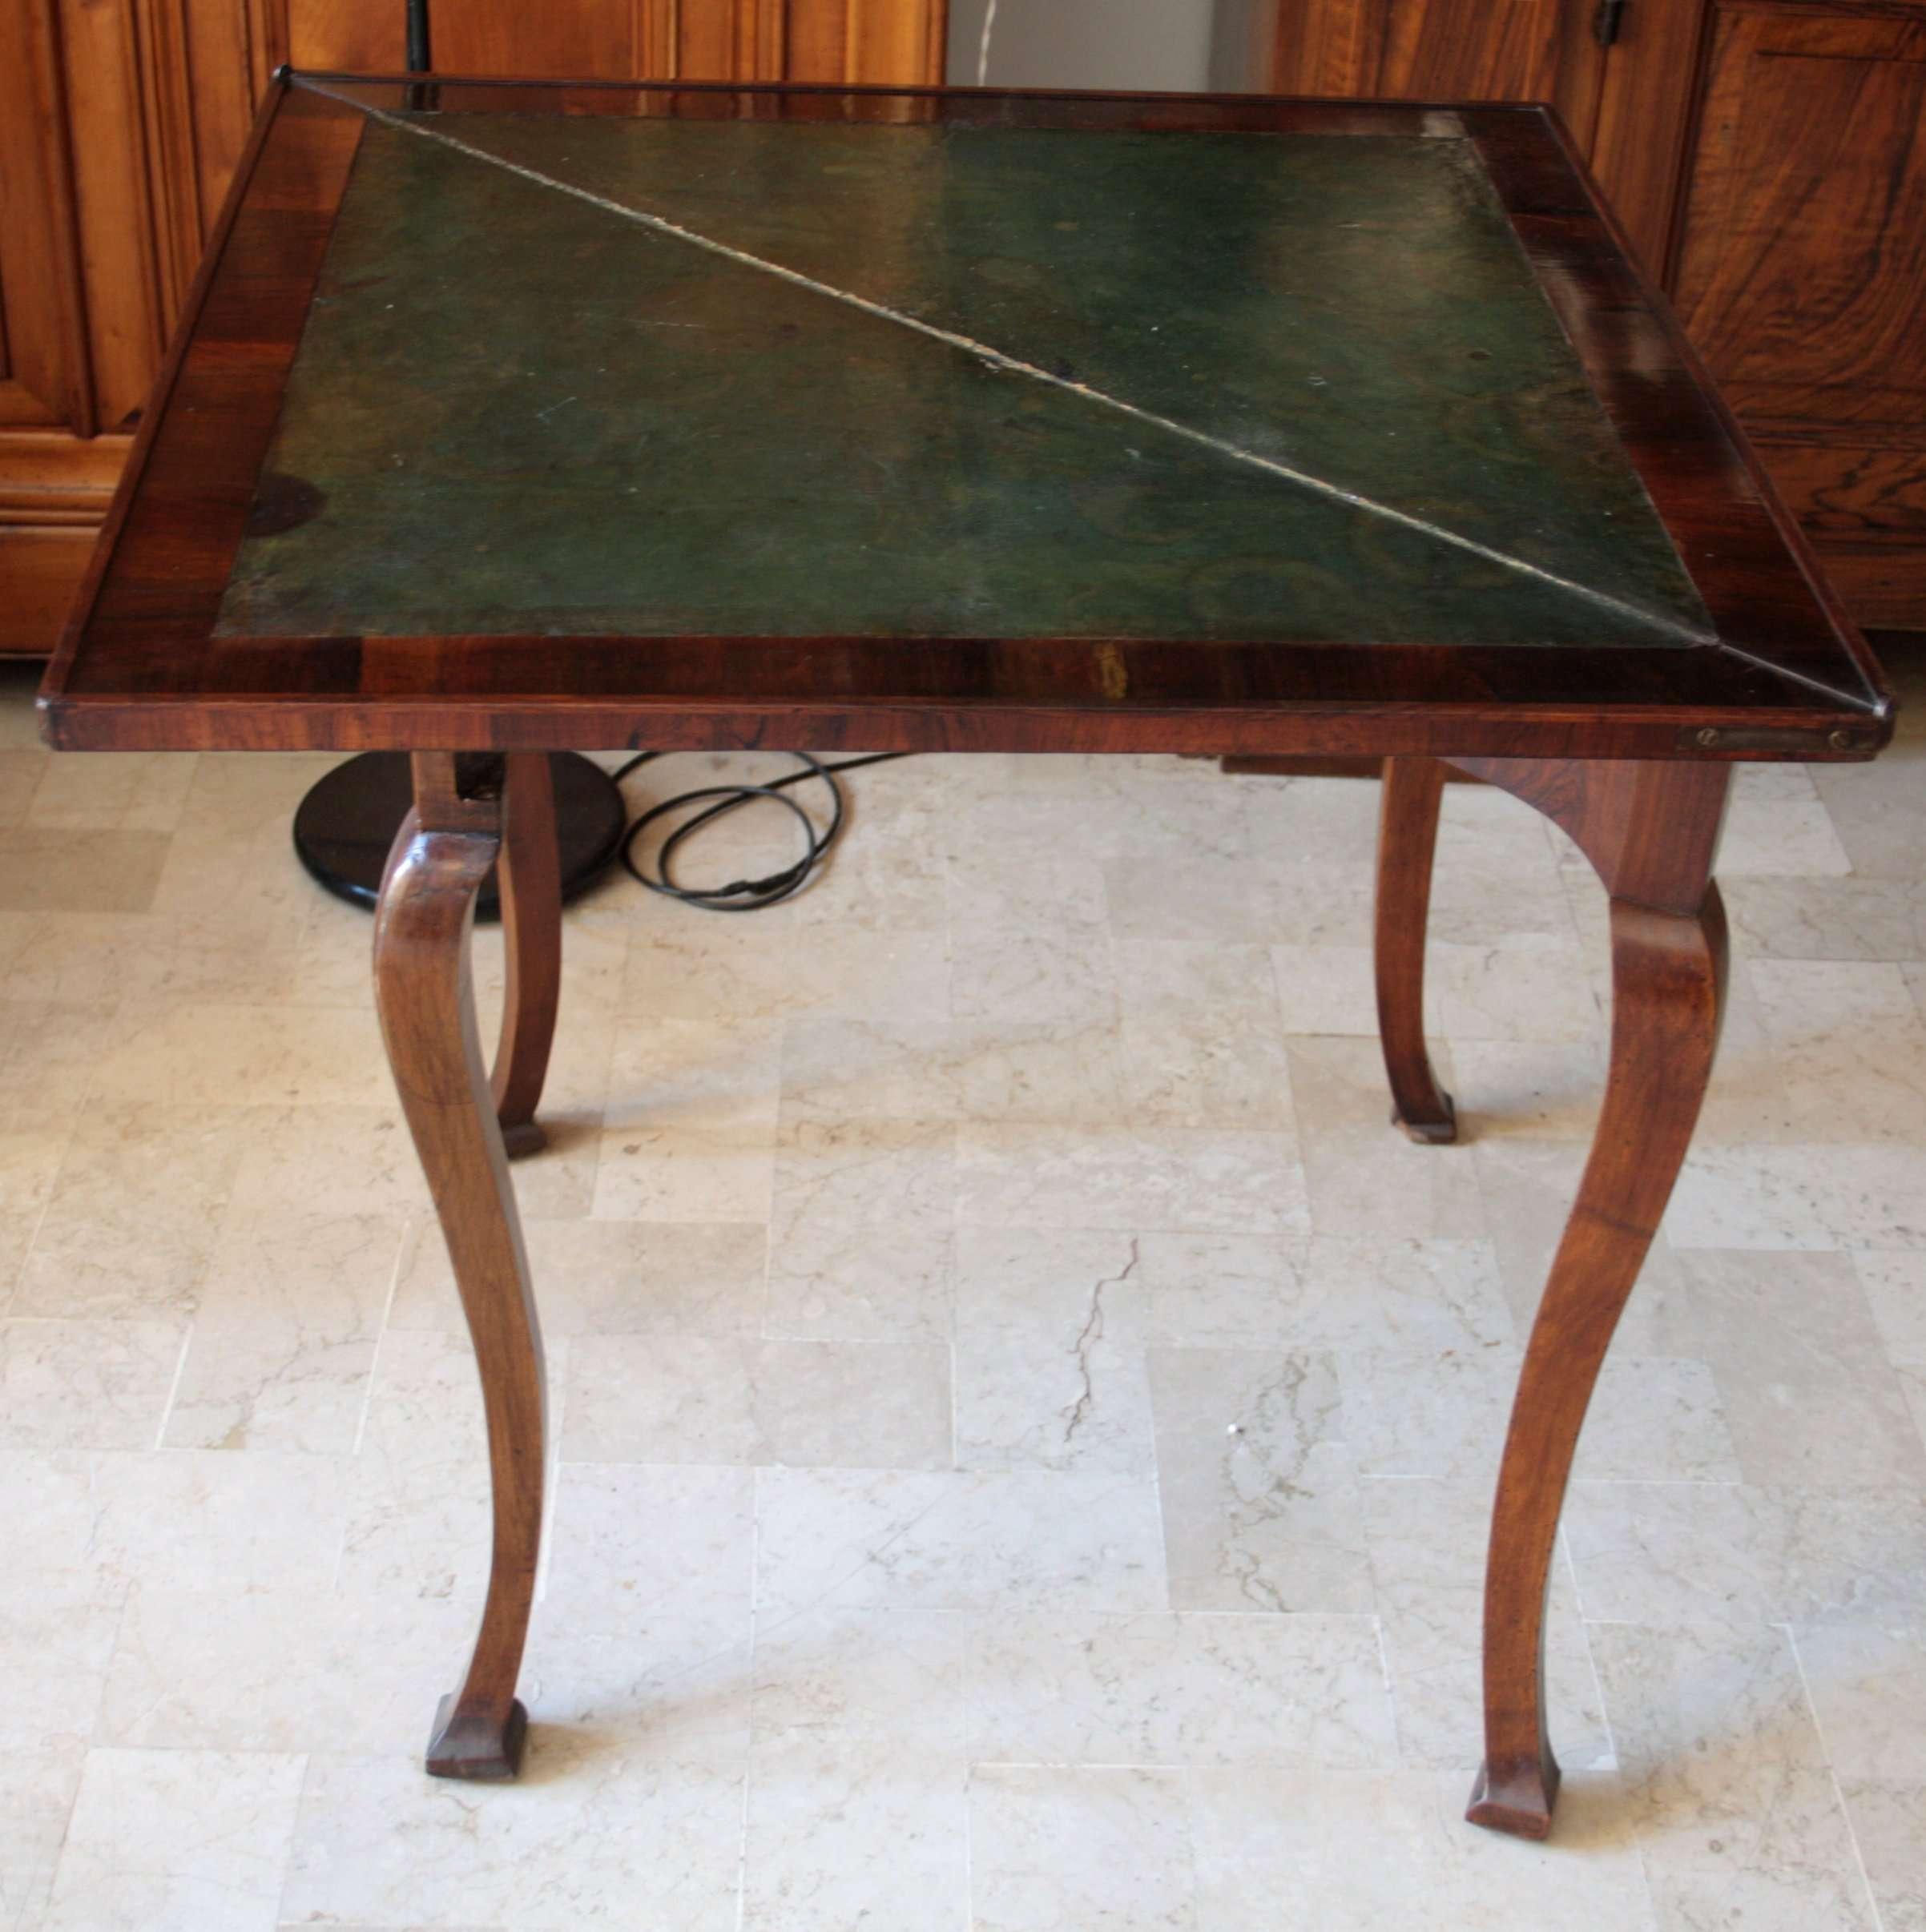 Tavolino Da Gioco Antico.Antico Tavolo Da Gioco In Palissandro Restauriraia Com Conservazione E Restauro Di Manufatti In Legno